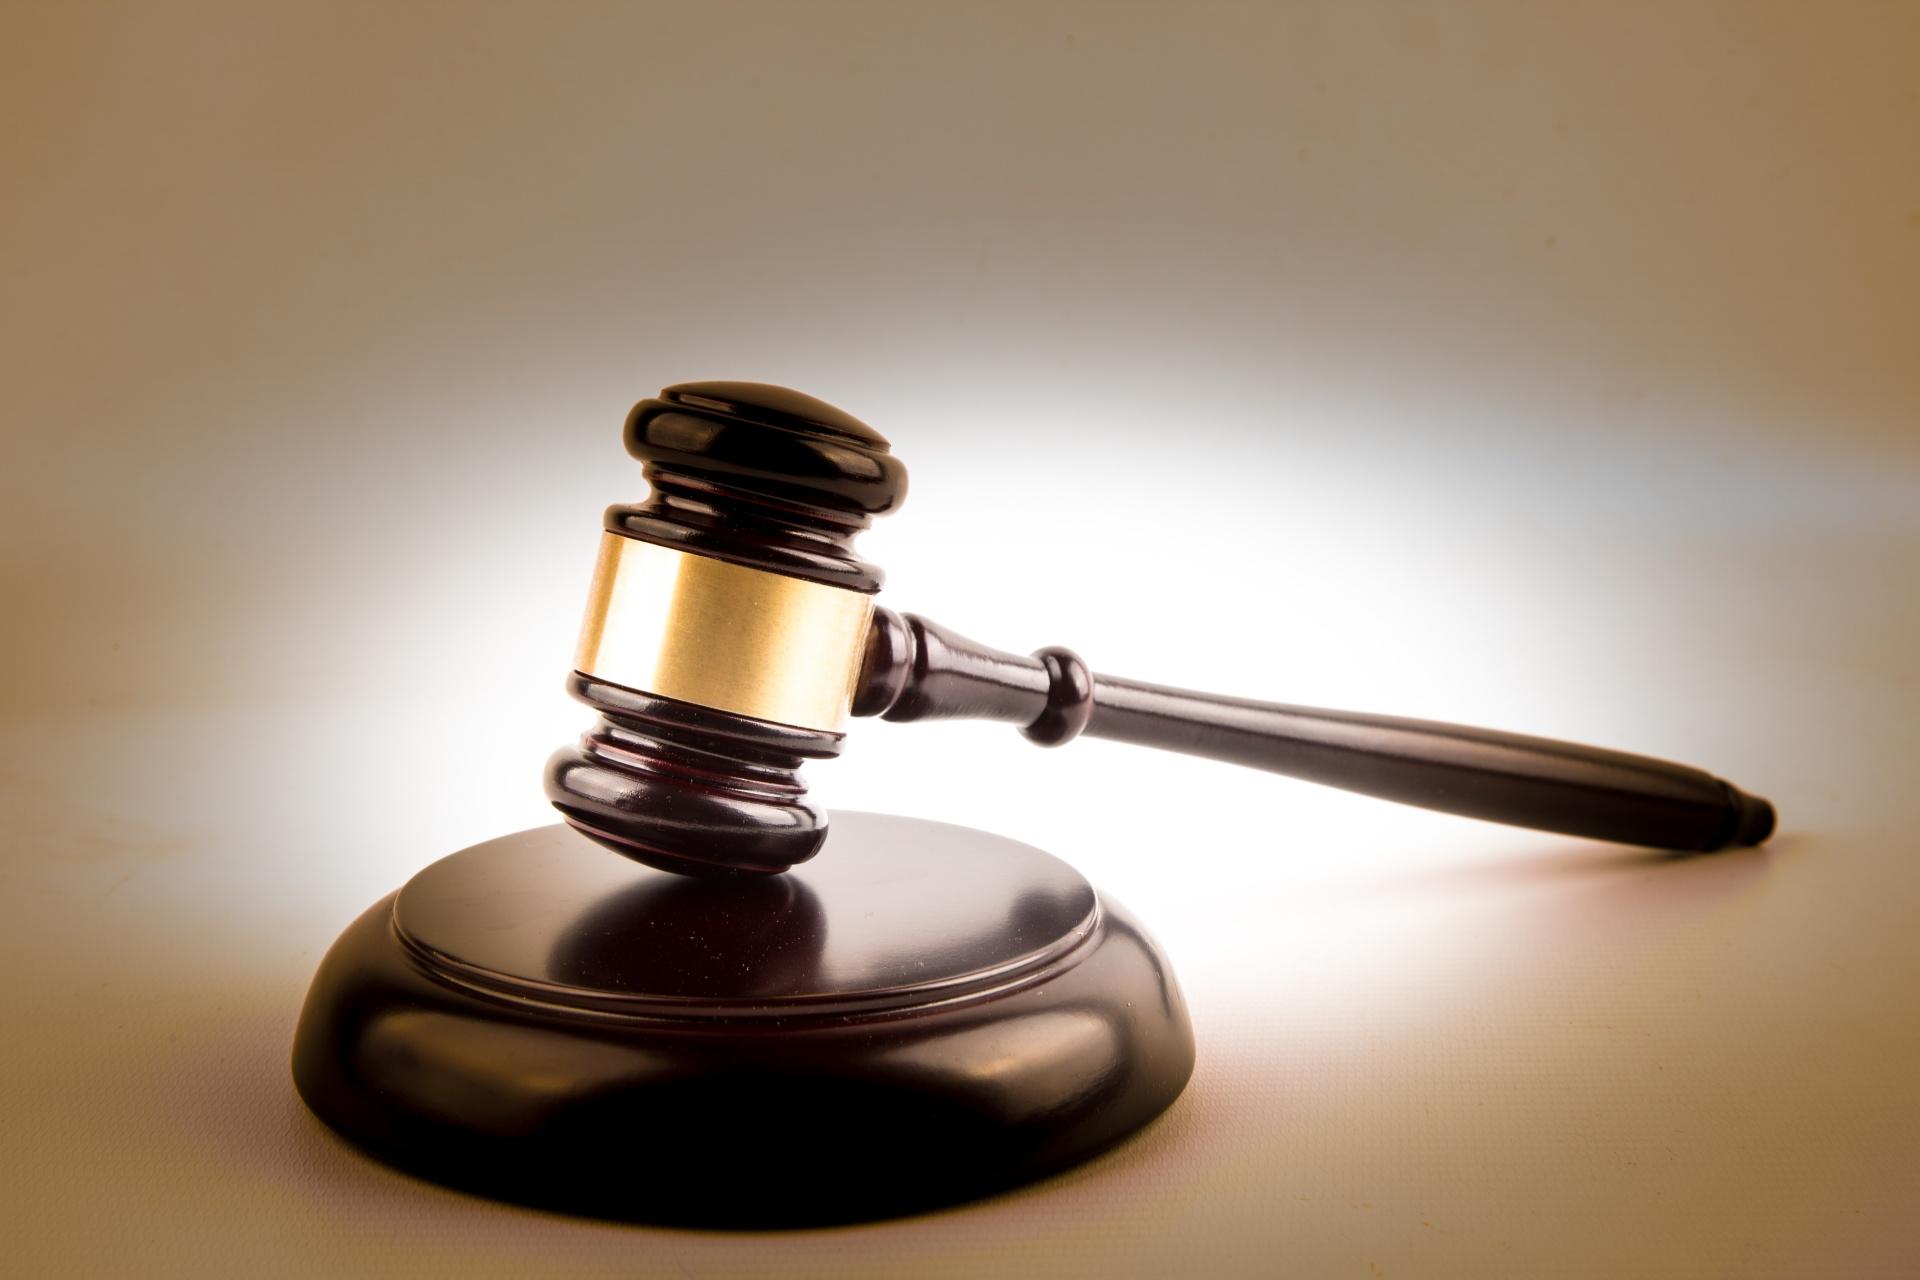 Want Justice? Junk Judges!